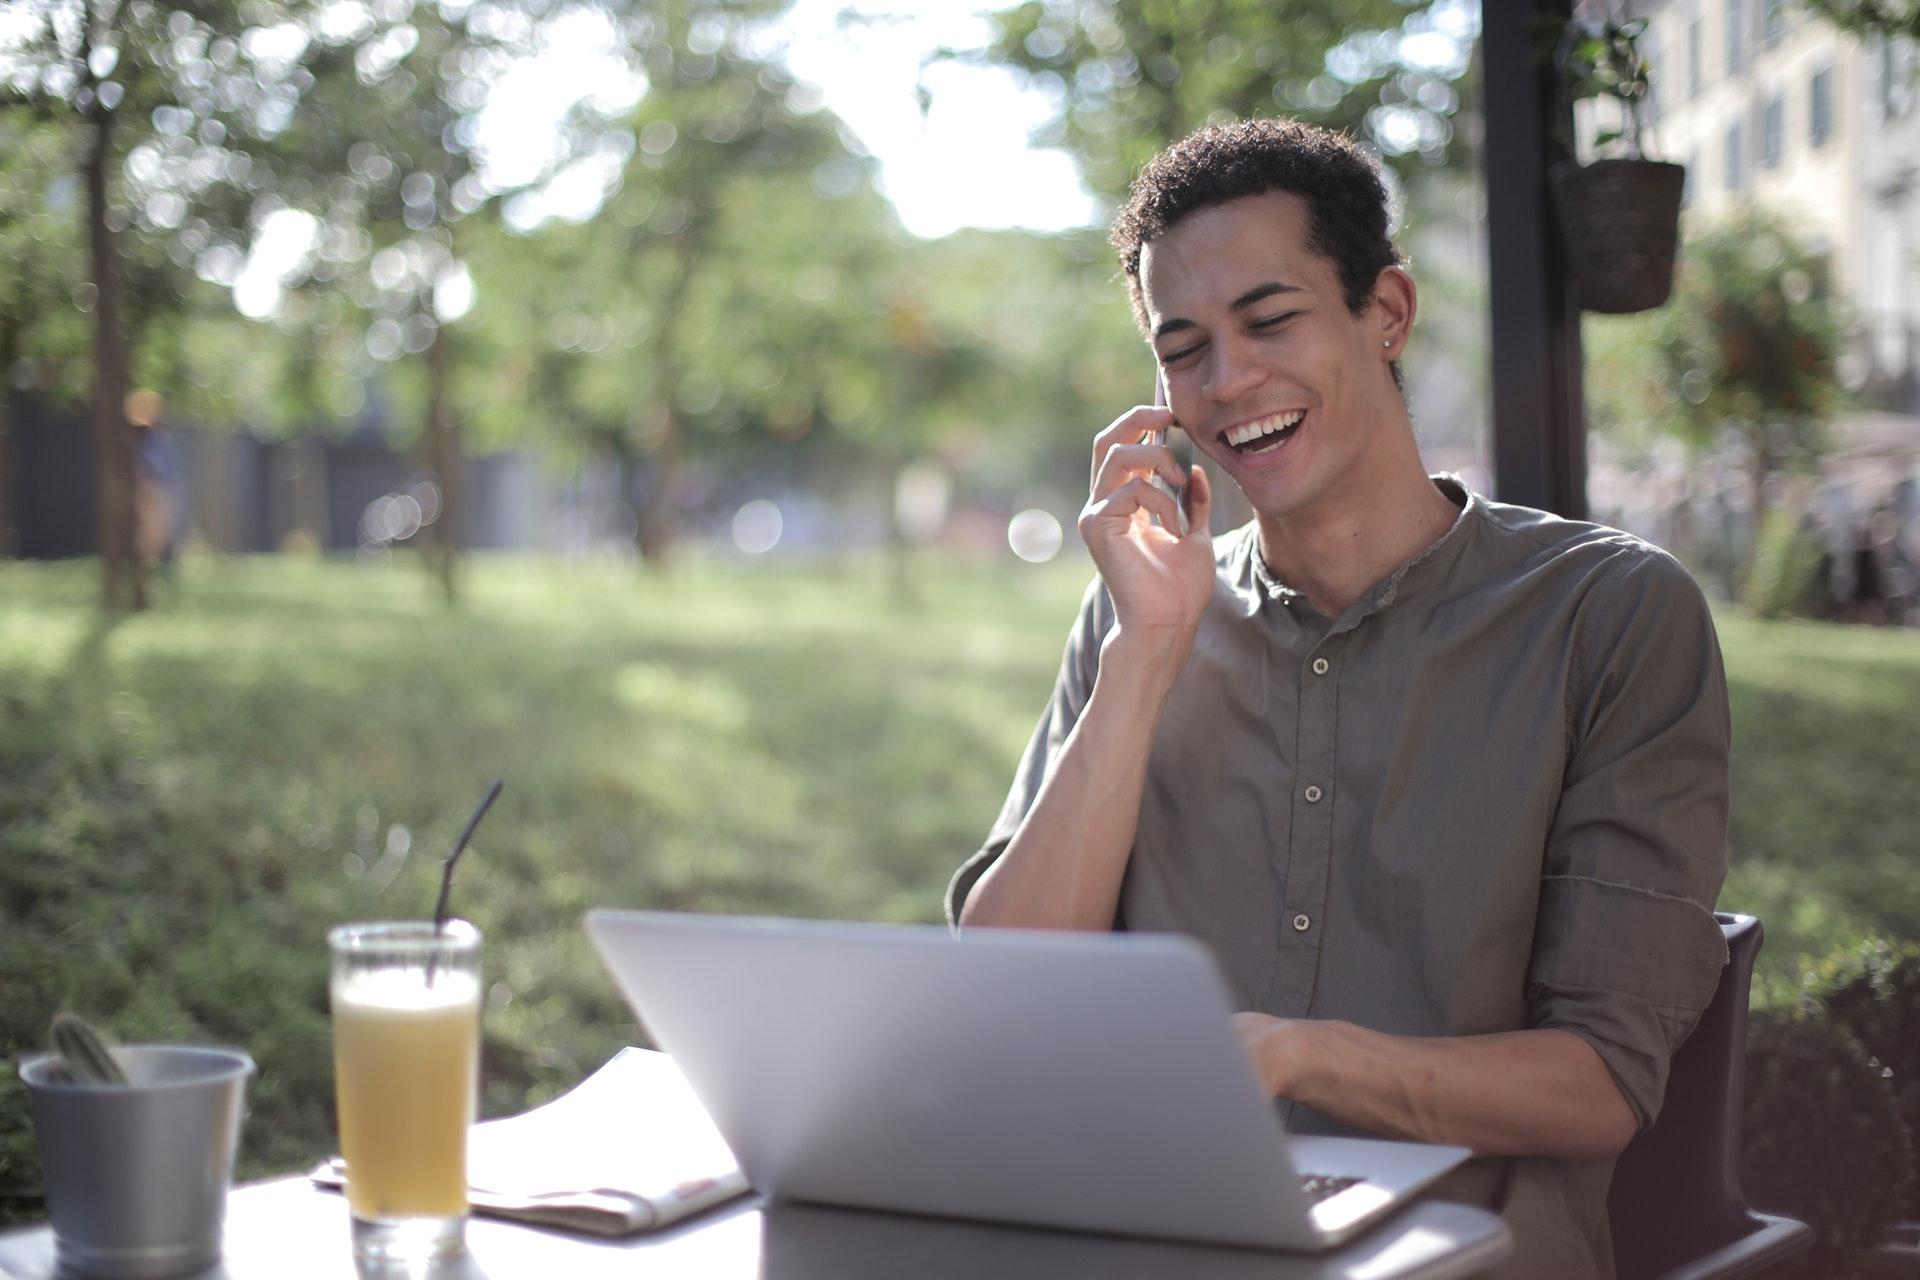 Vemos um homem sorrindo enquanto trabalha em uma área externa; sobre uma mesa vemos computador, jornal e um copo de suco (imagem ilustrativa). Texto: tipos de franquia baratas.